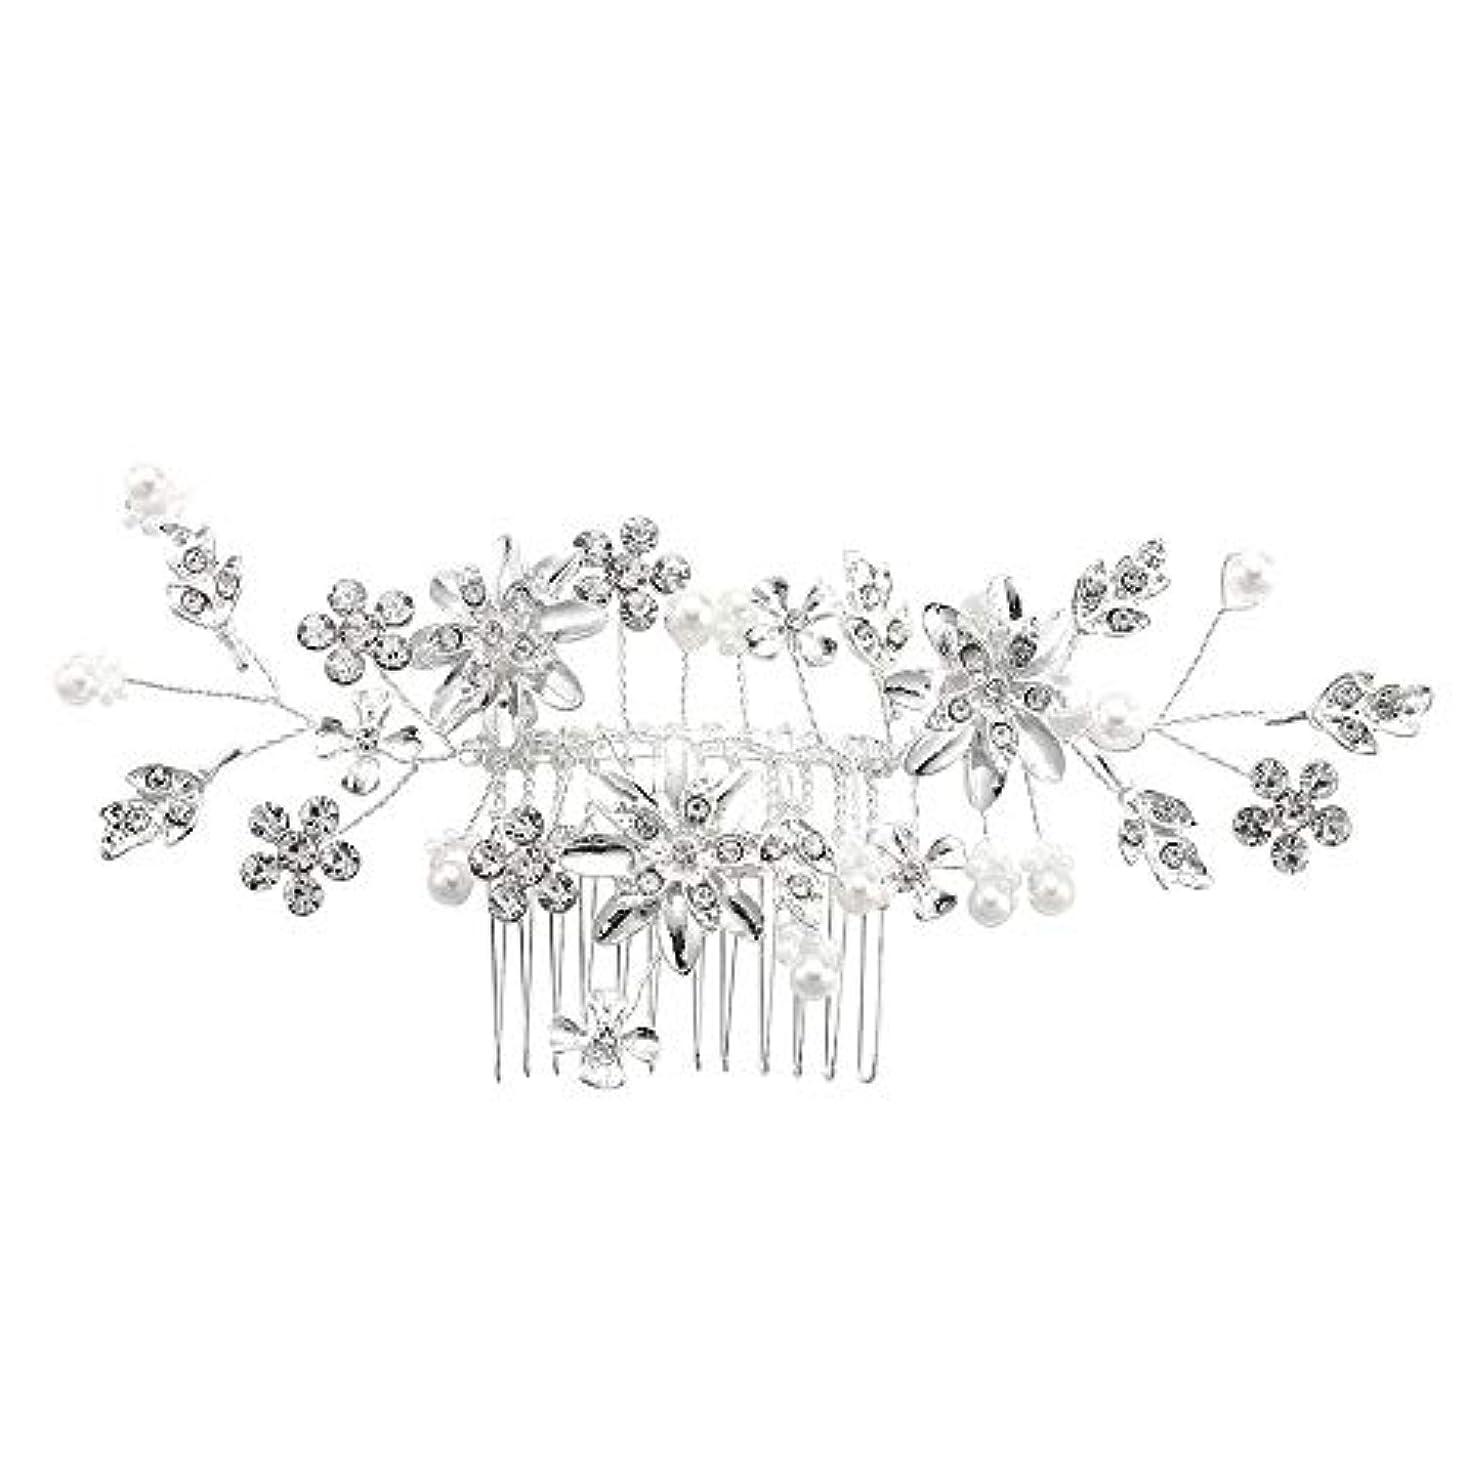 髪の櫛、櫛、合金、ラインストーンの櫛、真珠の髪の櫛、ブライダル髪の櫛、結婚式の髪の櫛